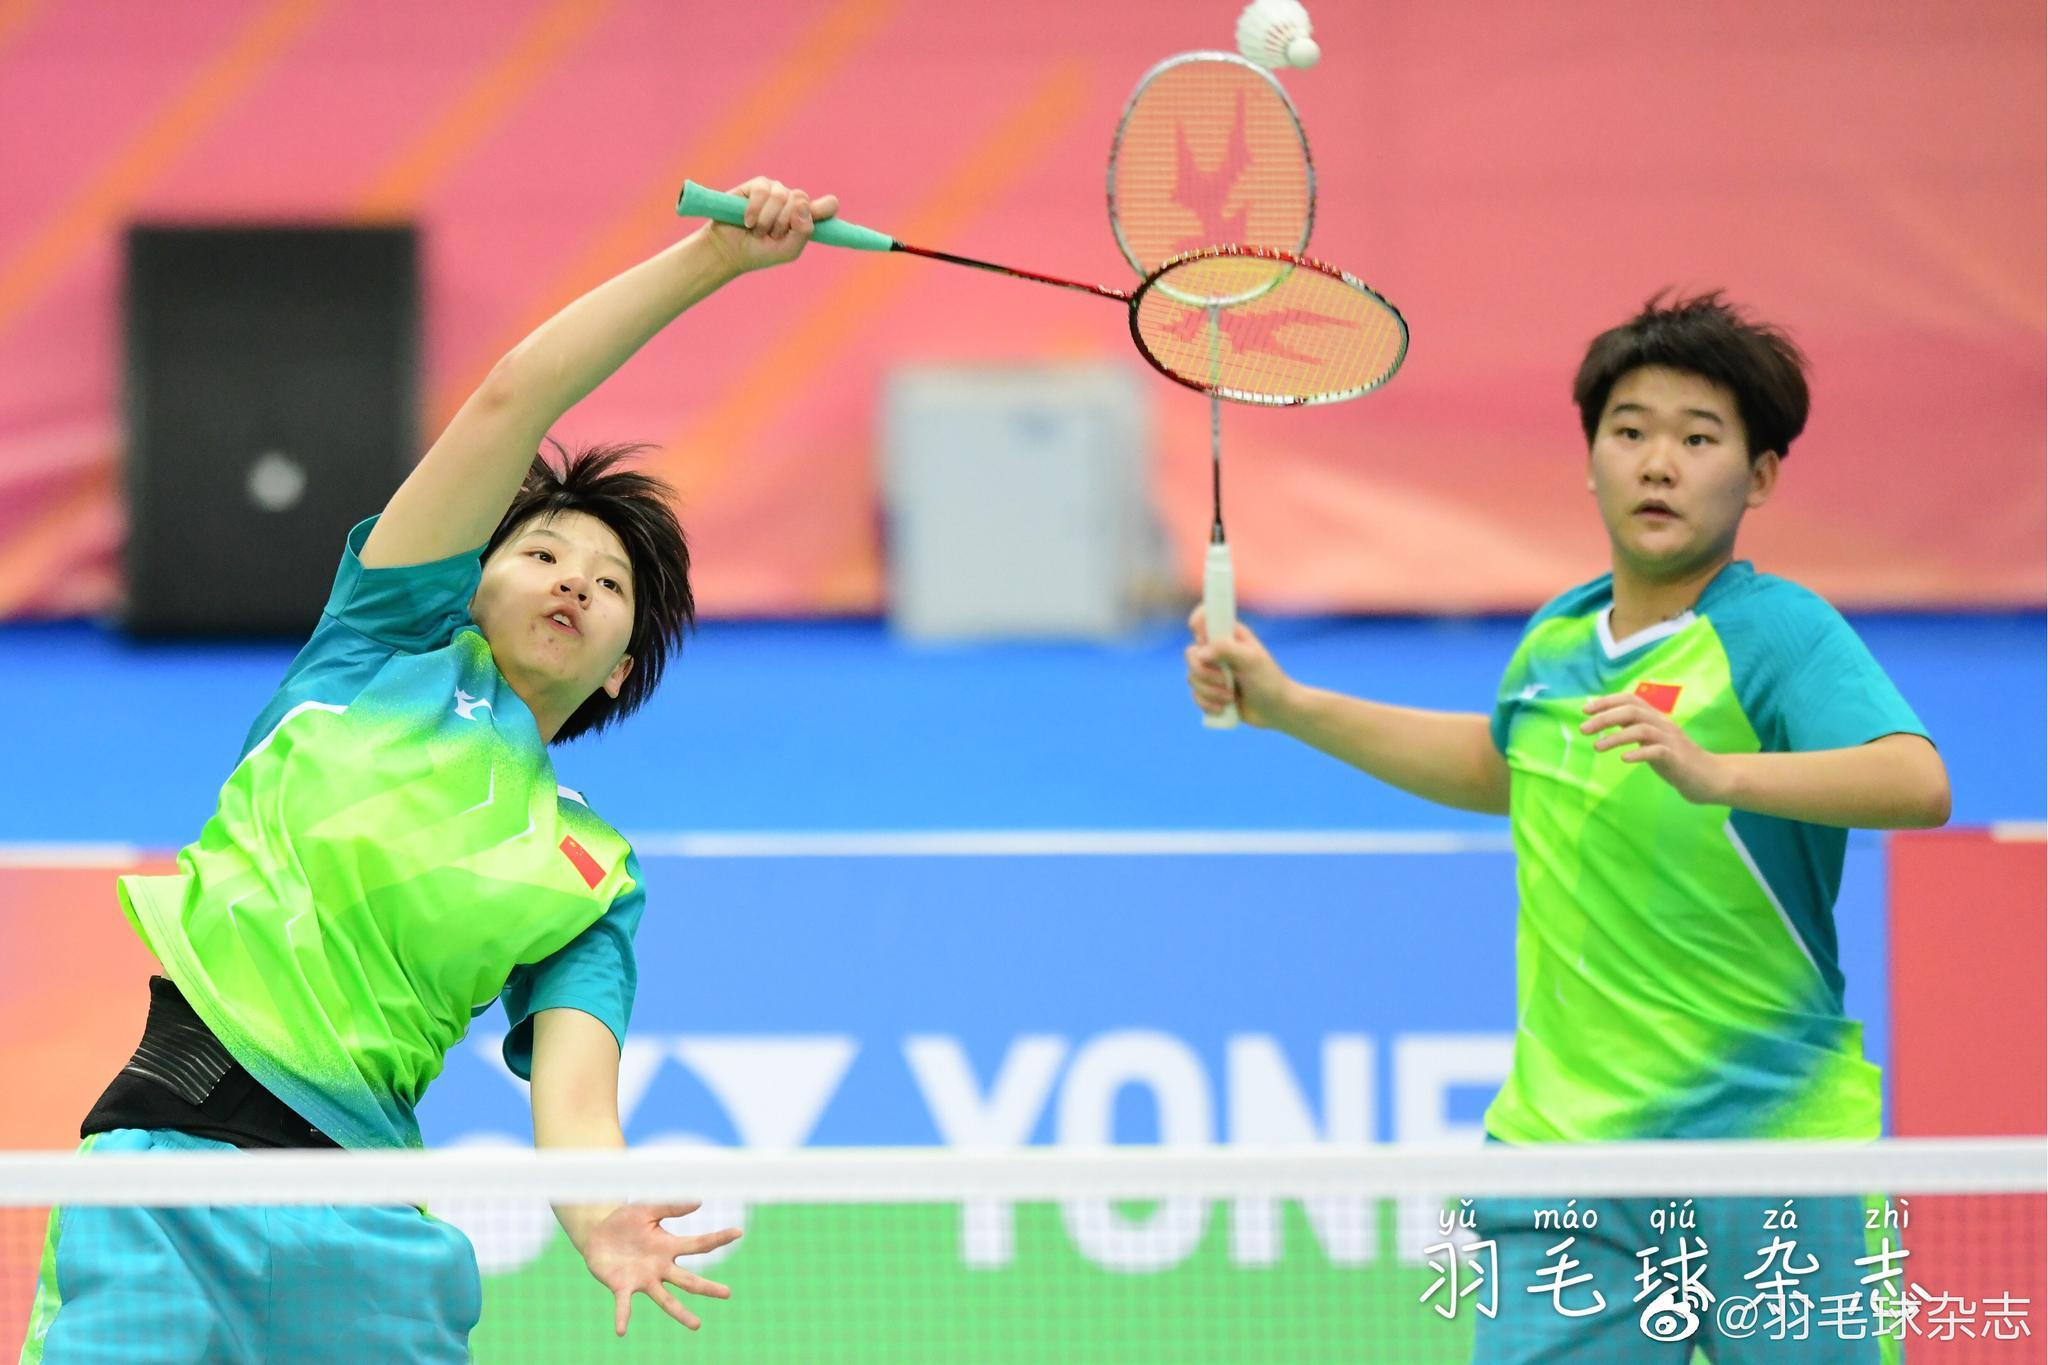 一切就绪 成都全面迎接2021世界青年羽毛球锦标赛